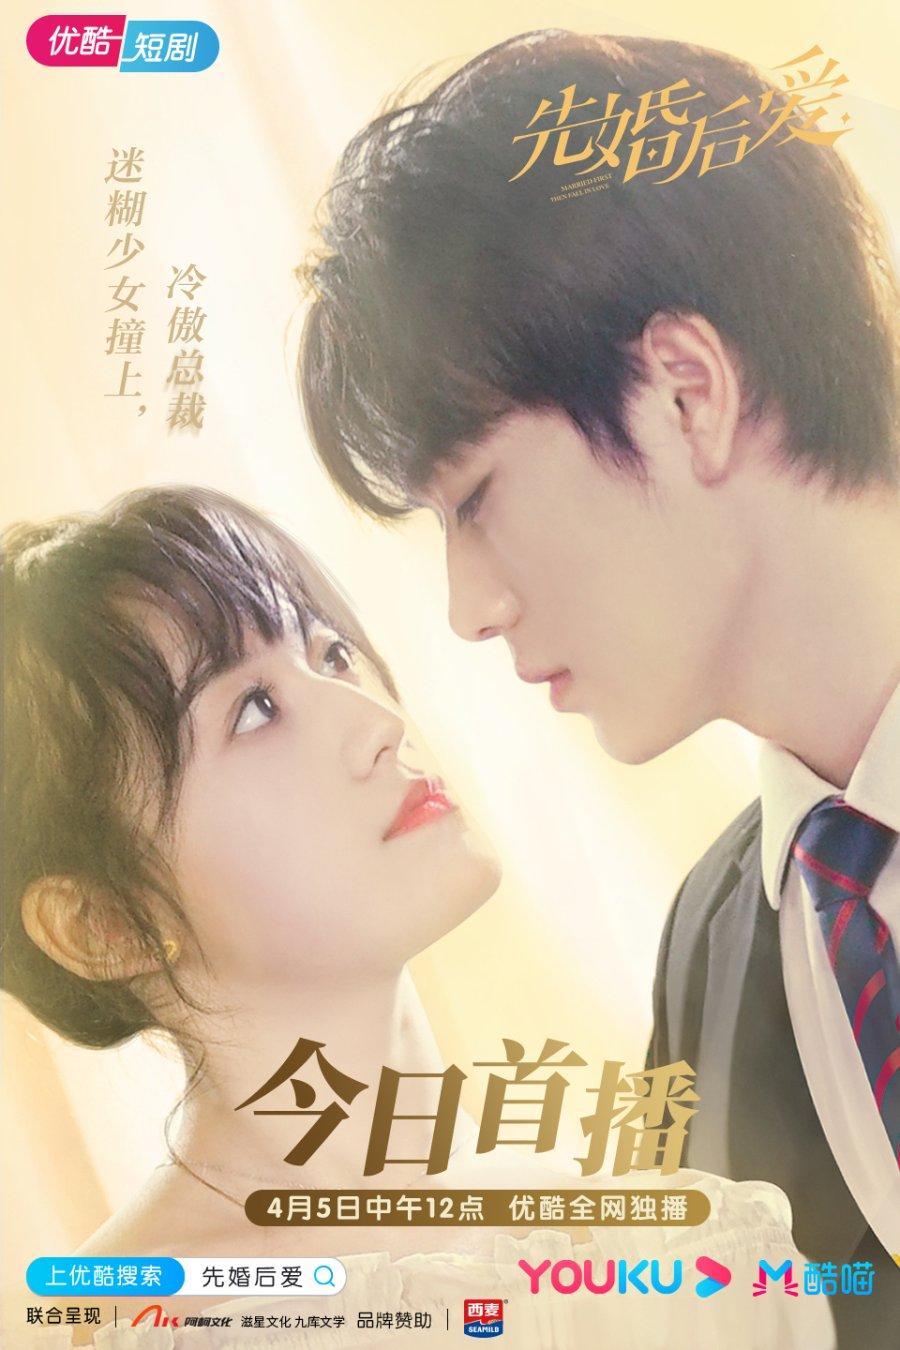 0EYL6 4f - Сначала свадьба, потом любовь ✦ 2021 ✦ Китай